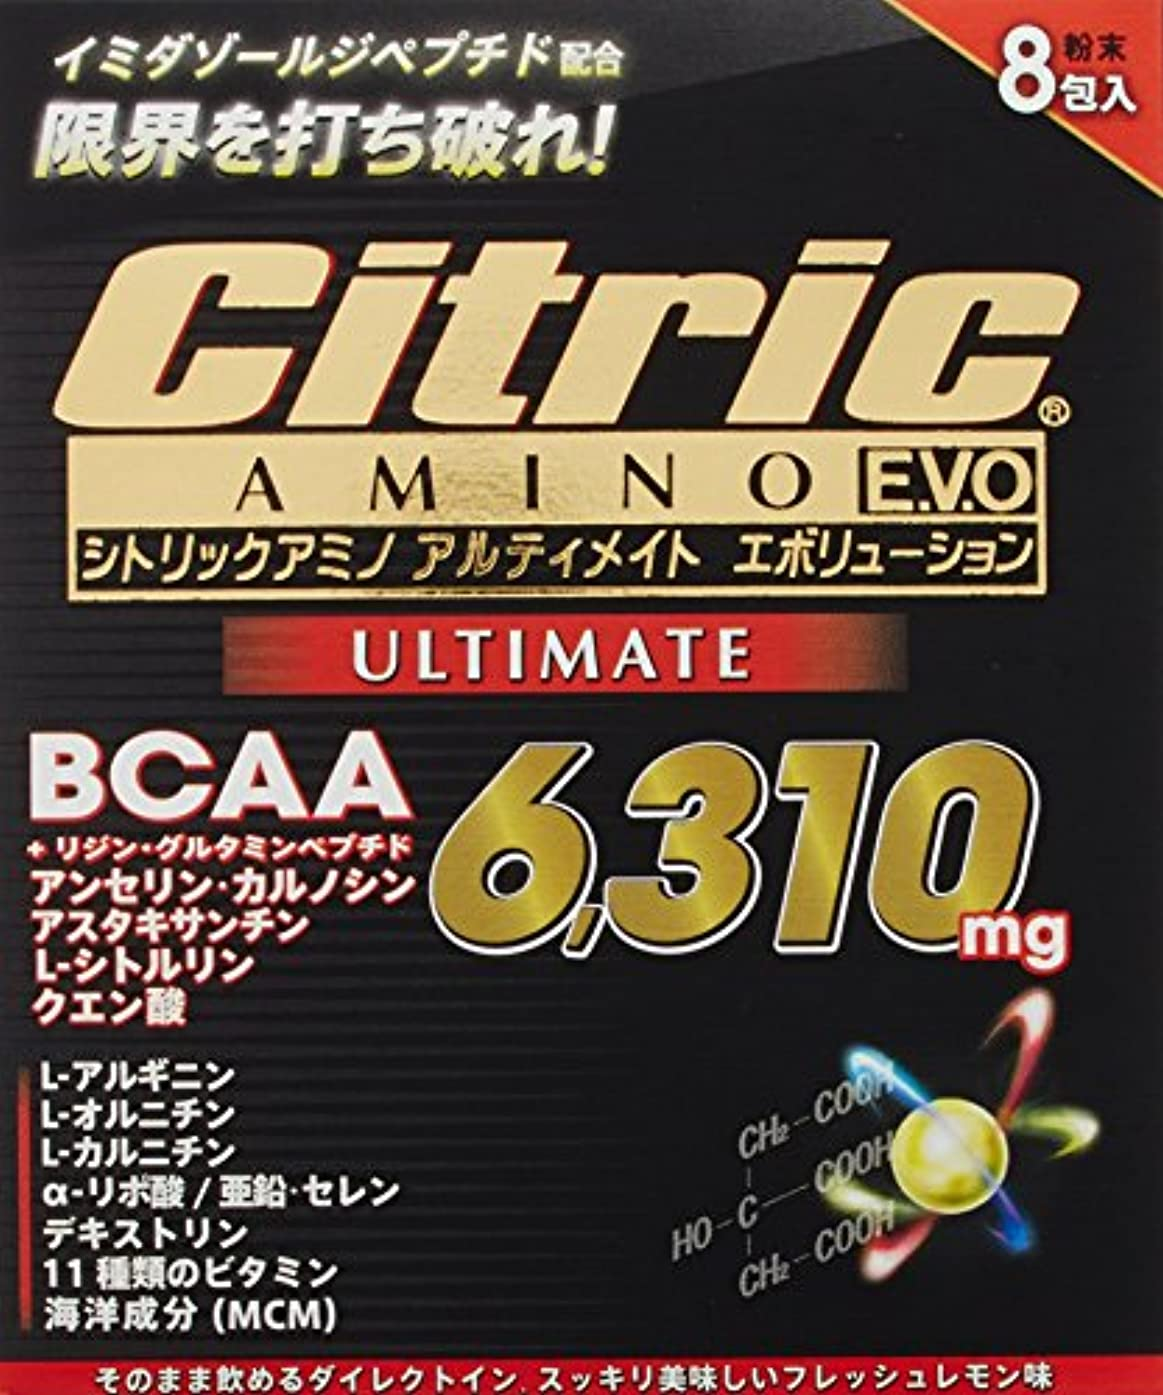 二十レオナルドダ変形シトリックアミノ(Citric AMINO) (アスリート向け) アルティメイト エボリューション 7.5g×8袋入  5279